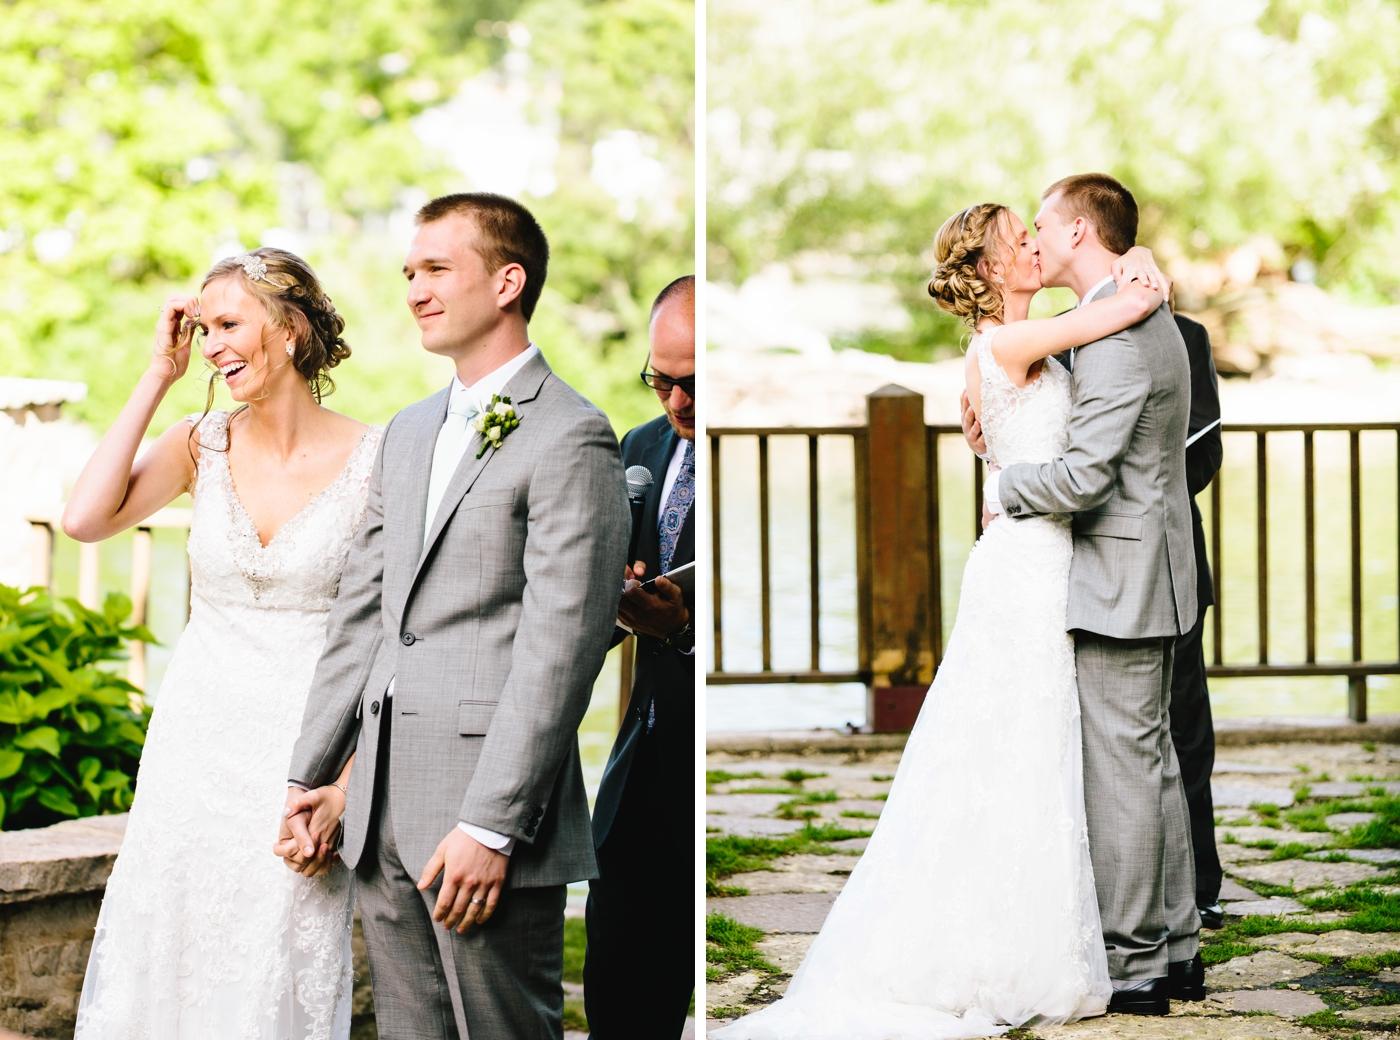 chicago-fine-art-wedding-photography-stewart27